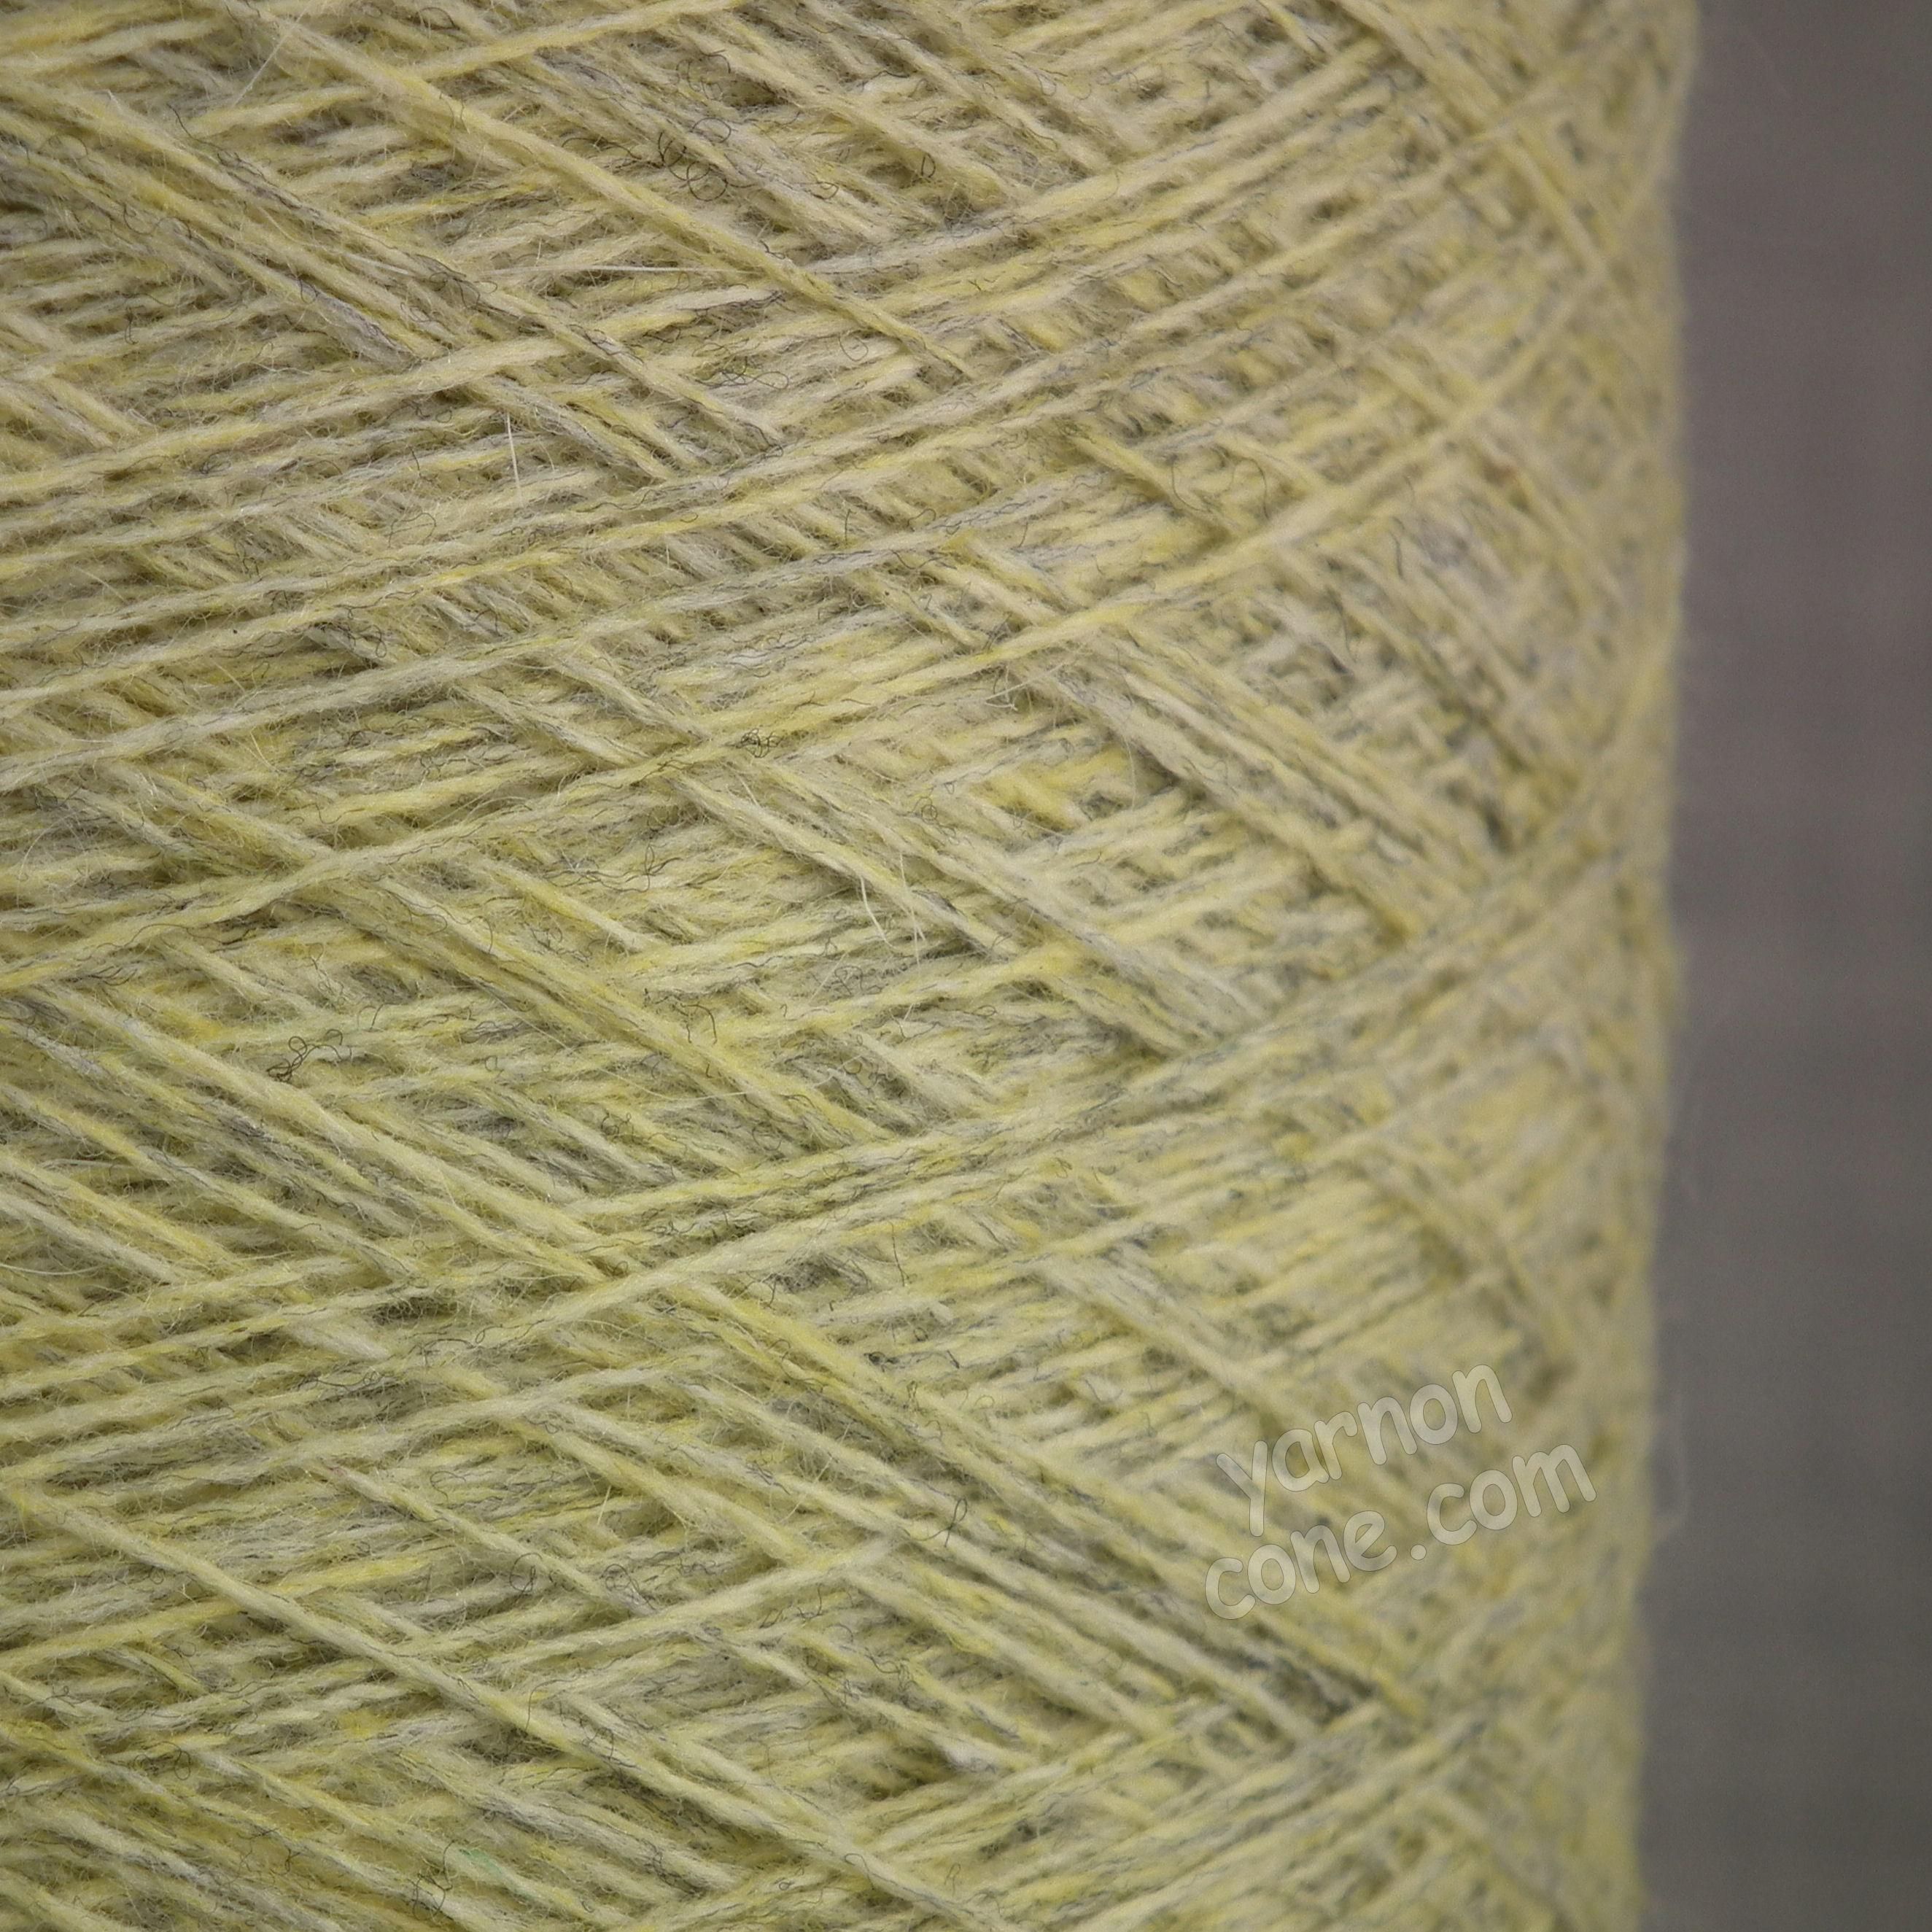 merino wool angora blend yarn on cone for machine knitting UK coned wool yarn